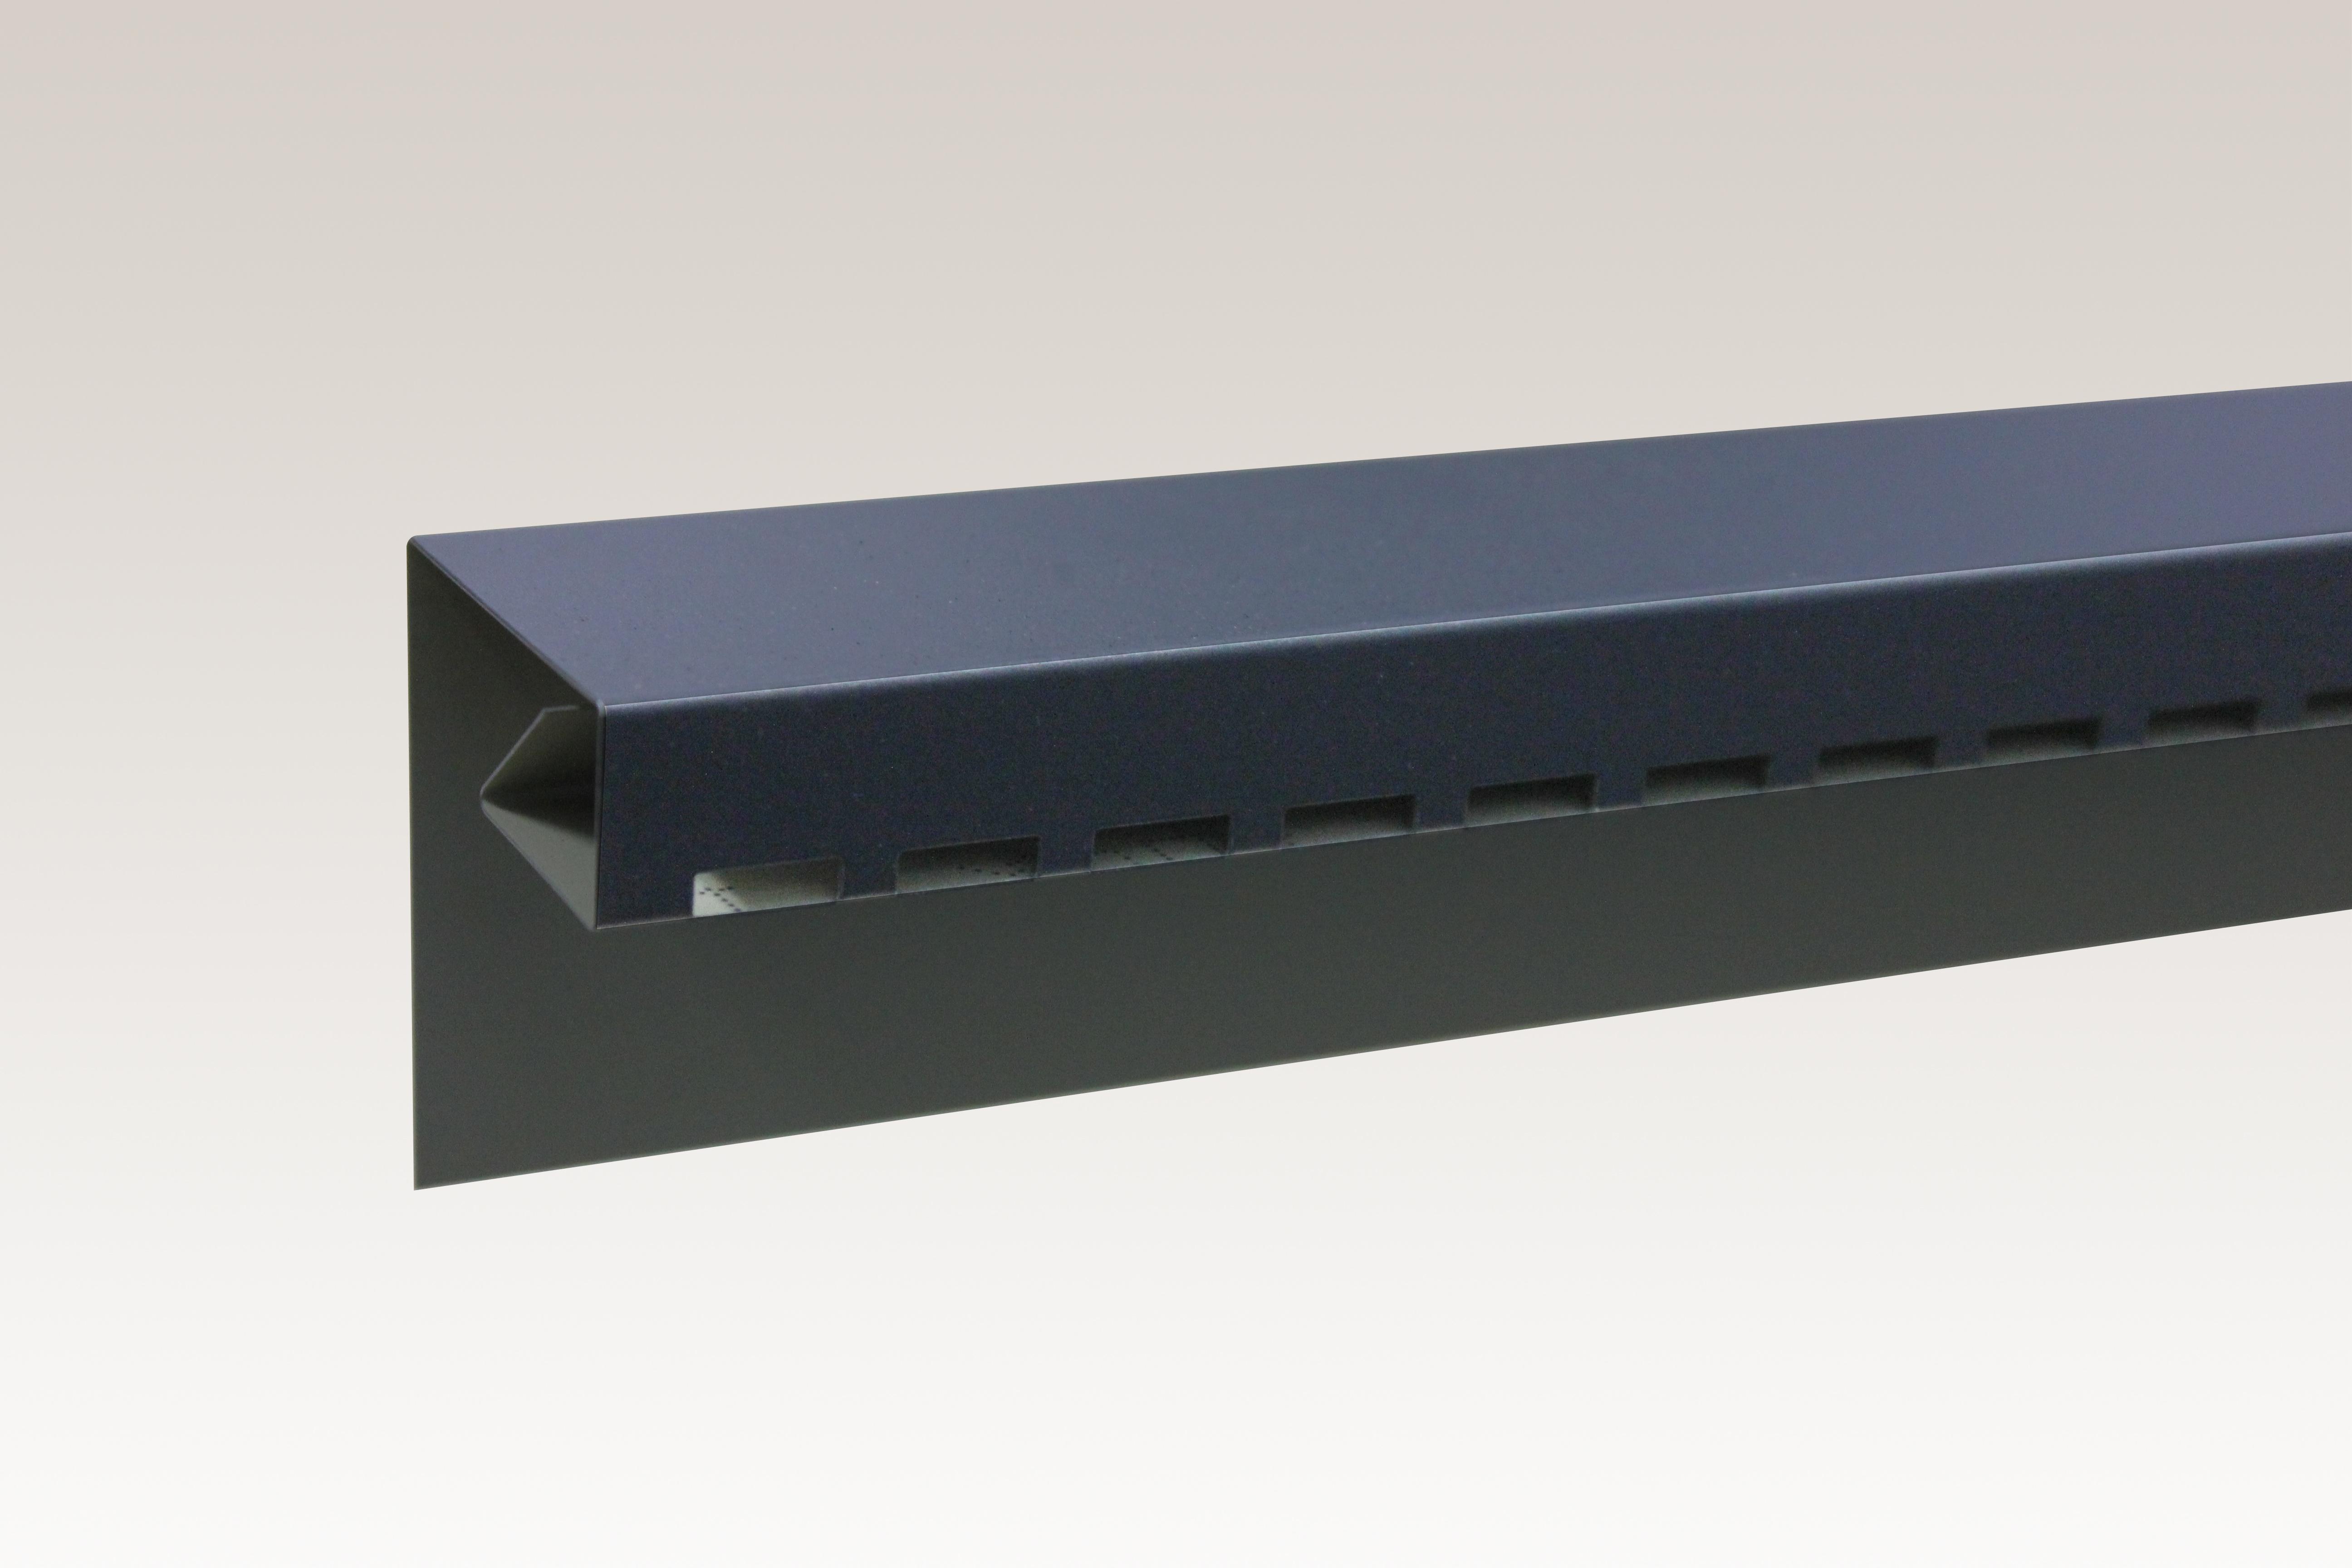 トーコー、高コスパなバルコニー専用通気部材を発売